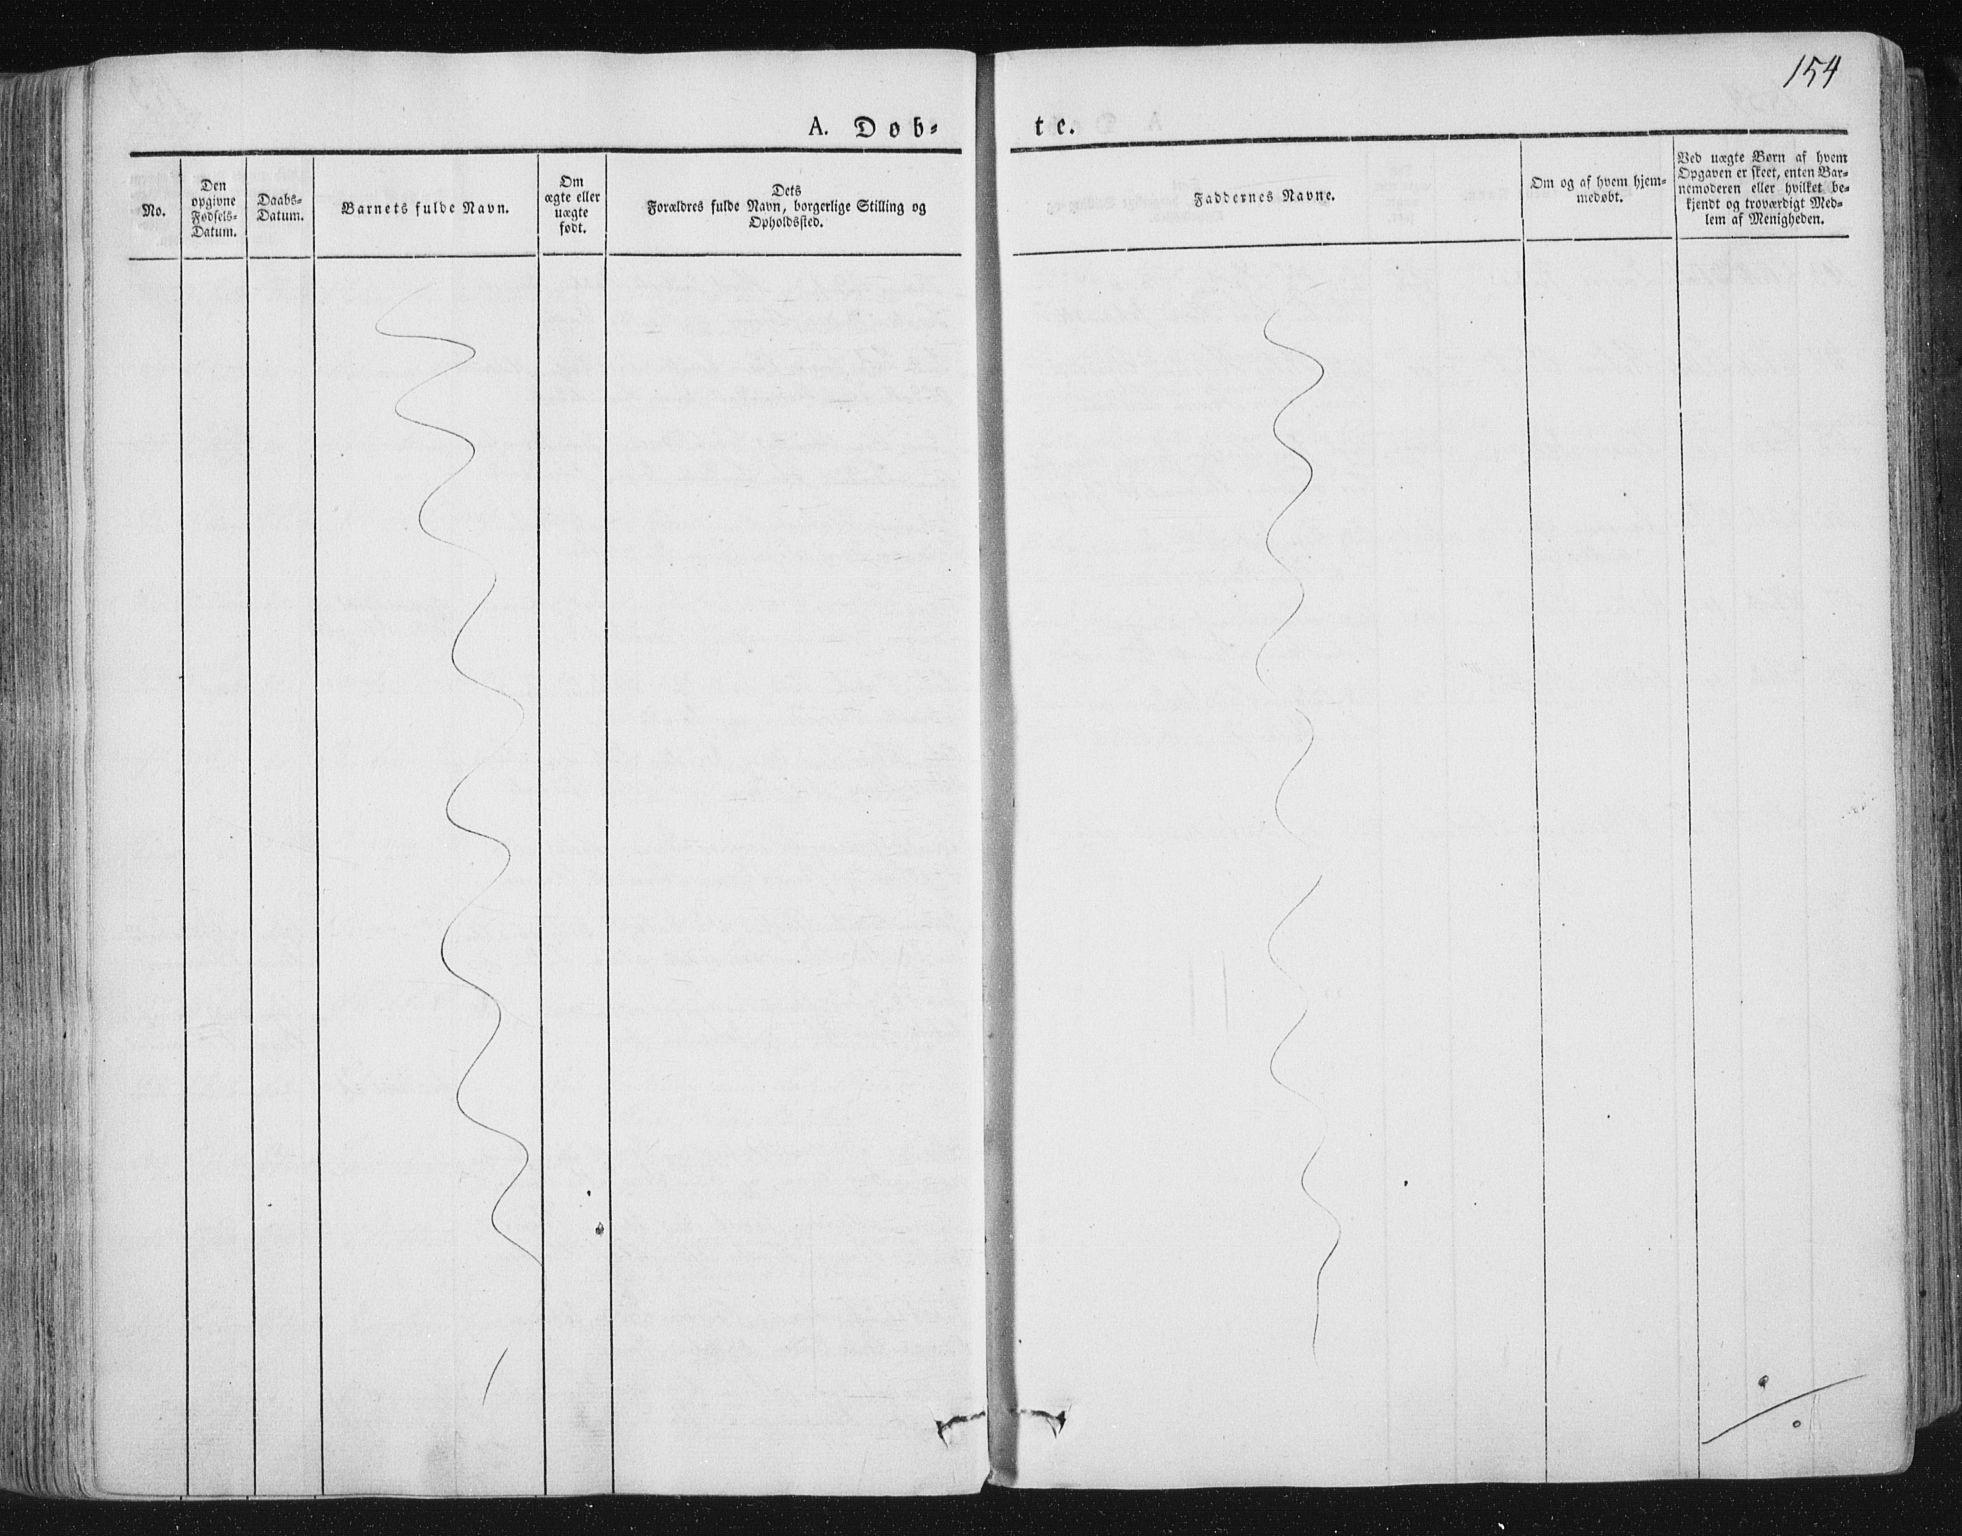 SAT, Ministerialprotokoller, klokkerbøker og fødselsregistre - Nord-Trøndelag, 784/L0669: Ministerialbok nr. 784A04, 1829-1859, s. 154